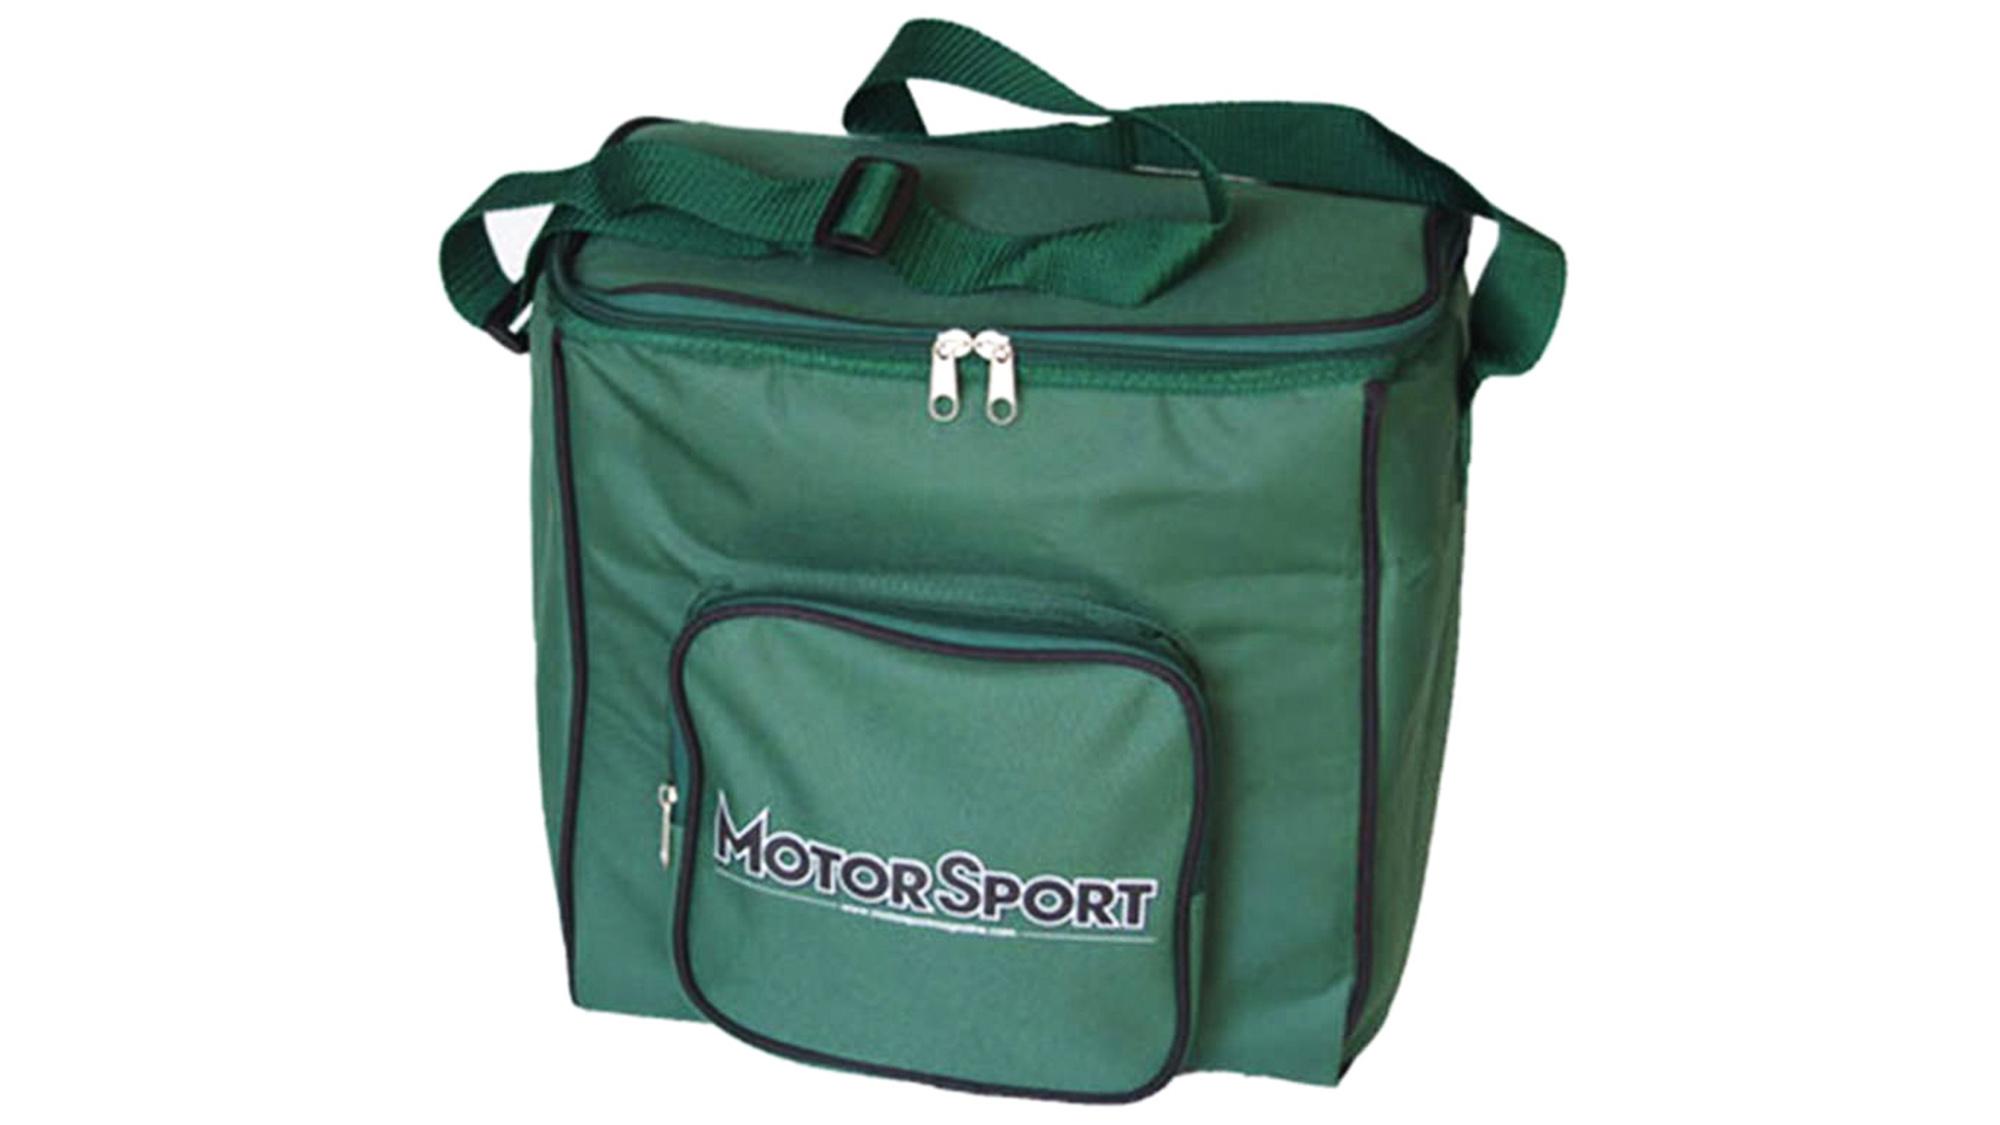 Motor Sport cool bag